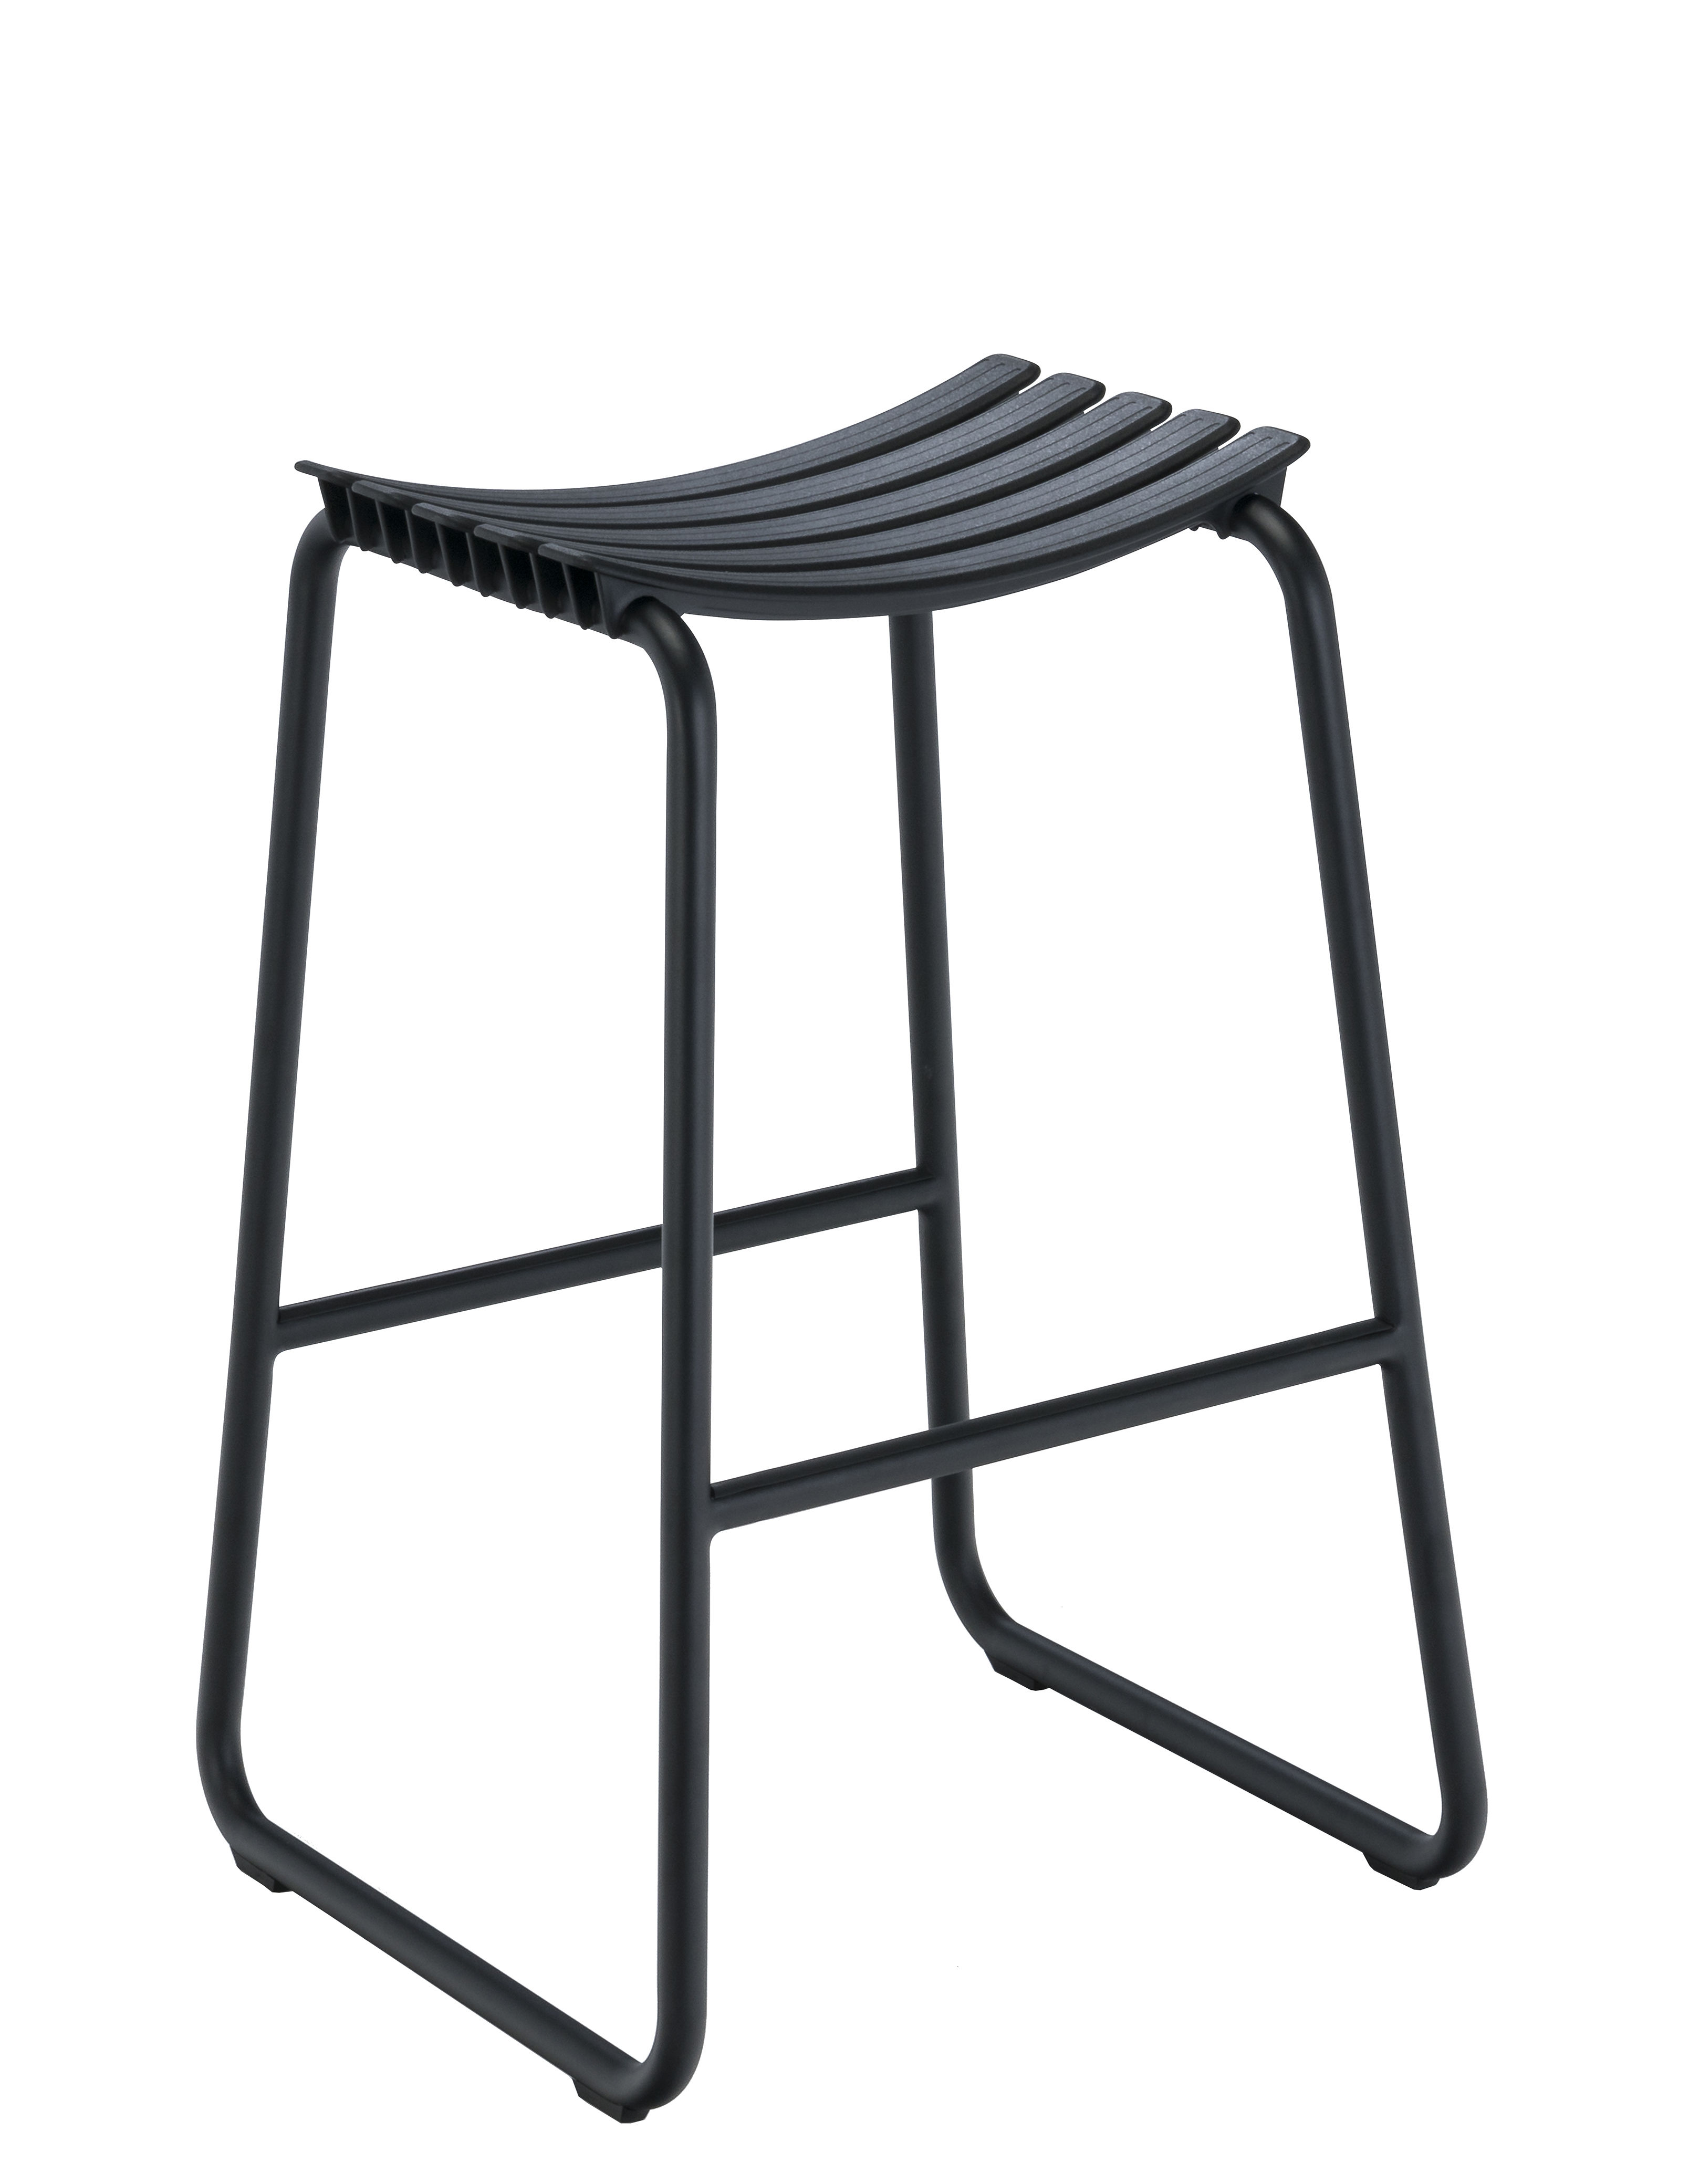 Mobilier - Tabourets de bar - Tabouret haut Clips / H 80 cm - Houe - Noir - Aluminium, Matière plastique